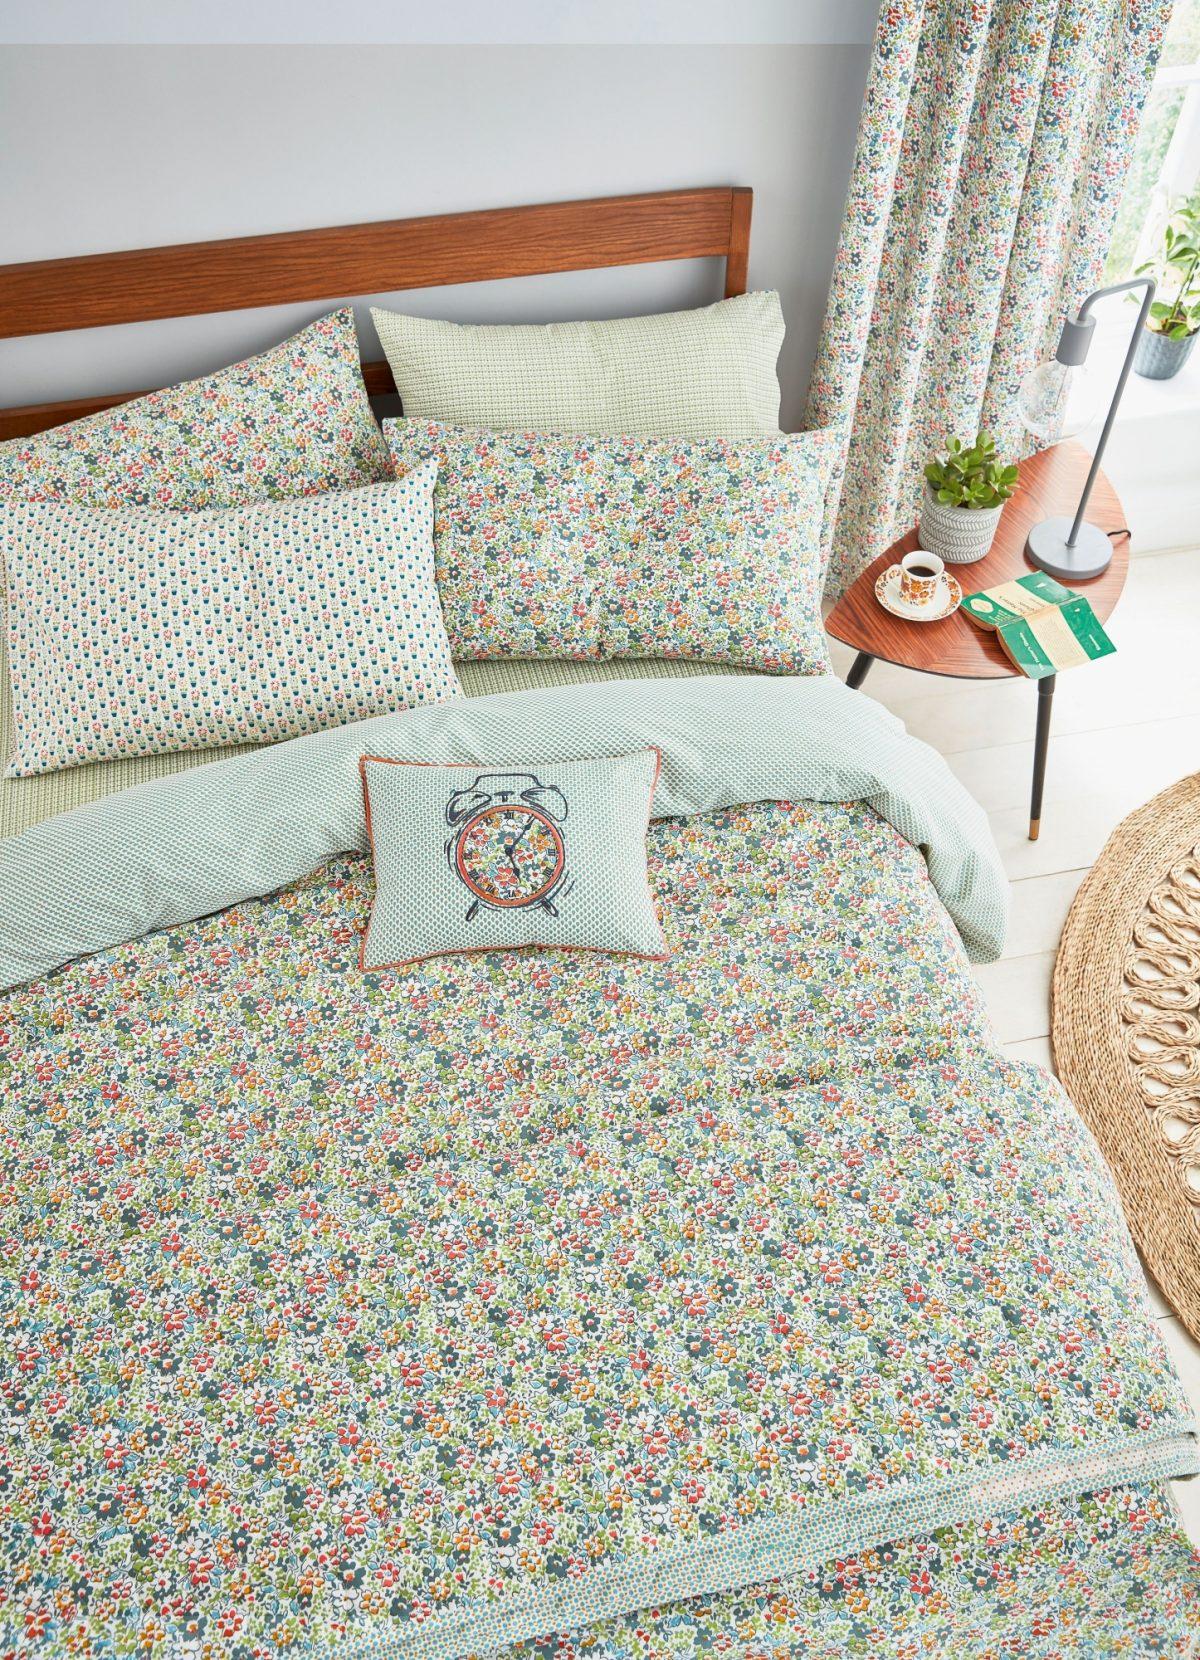 Hs Dottie Main Bed No Accessories Hr